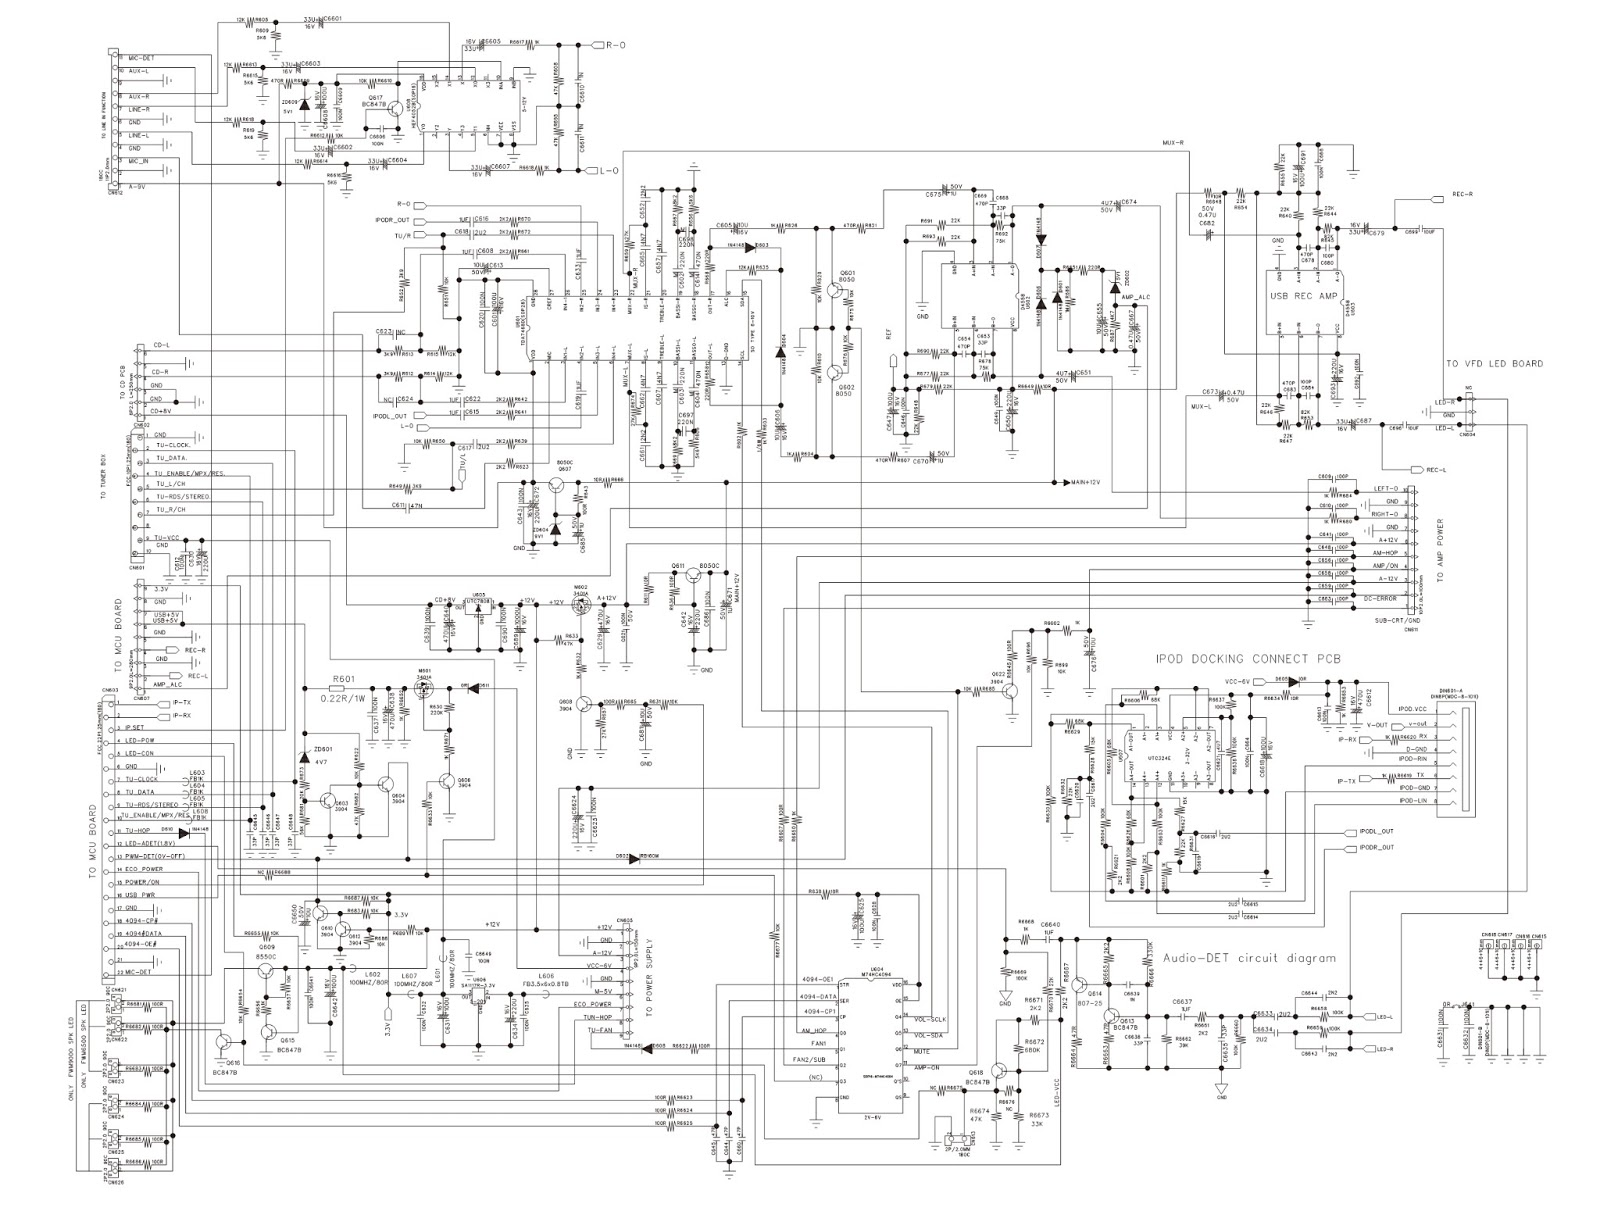 main printed circuit board 65100248